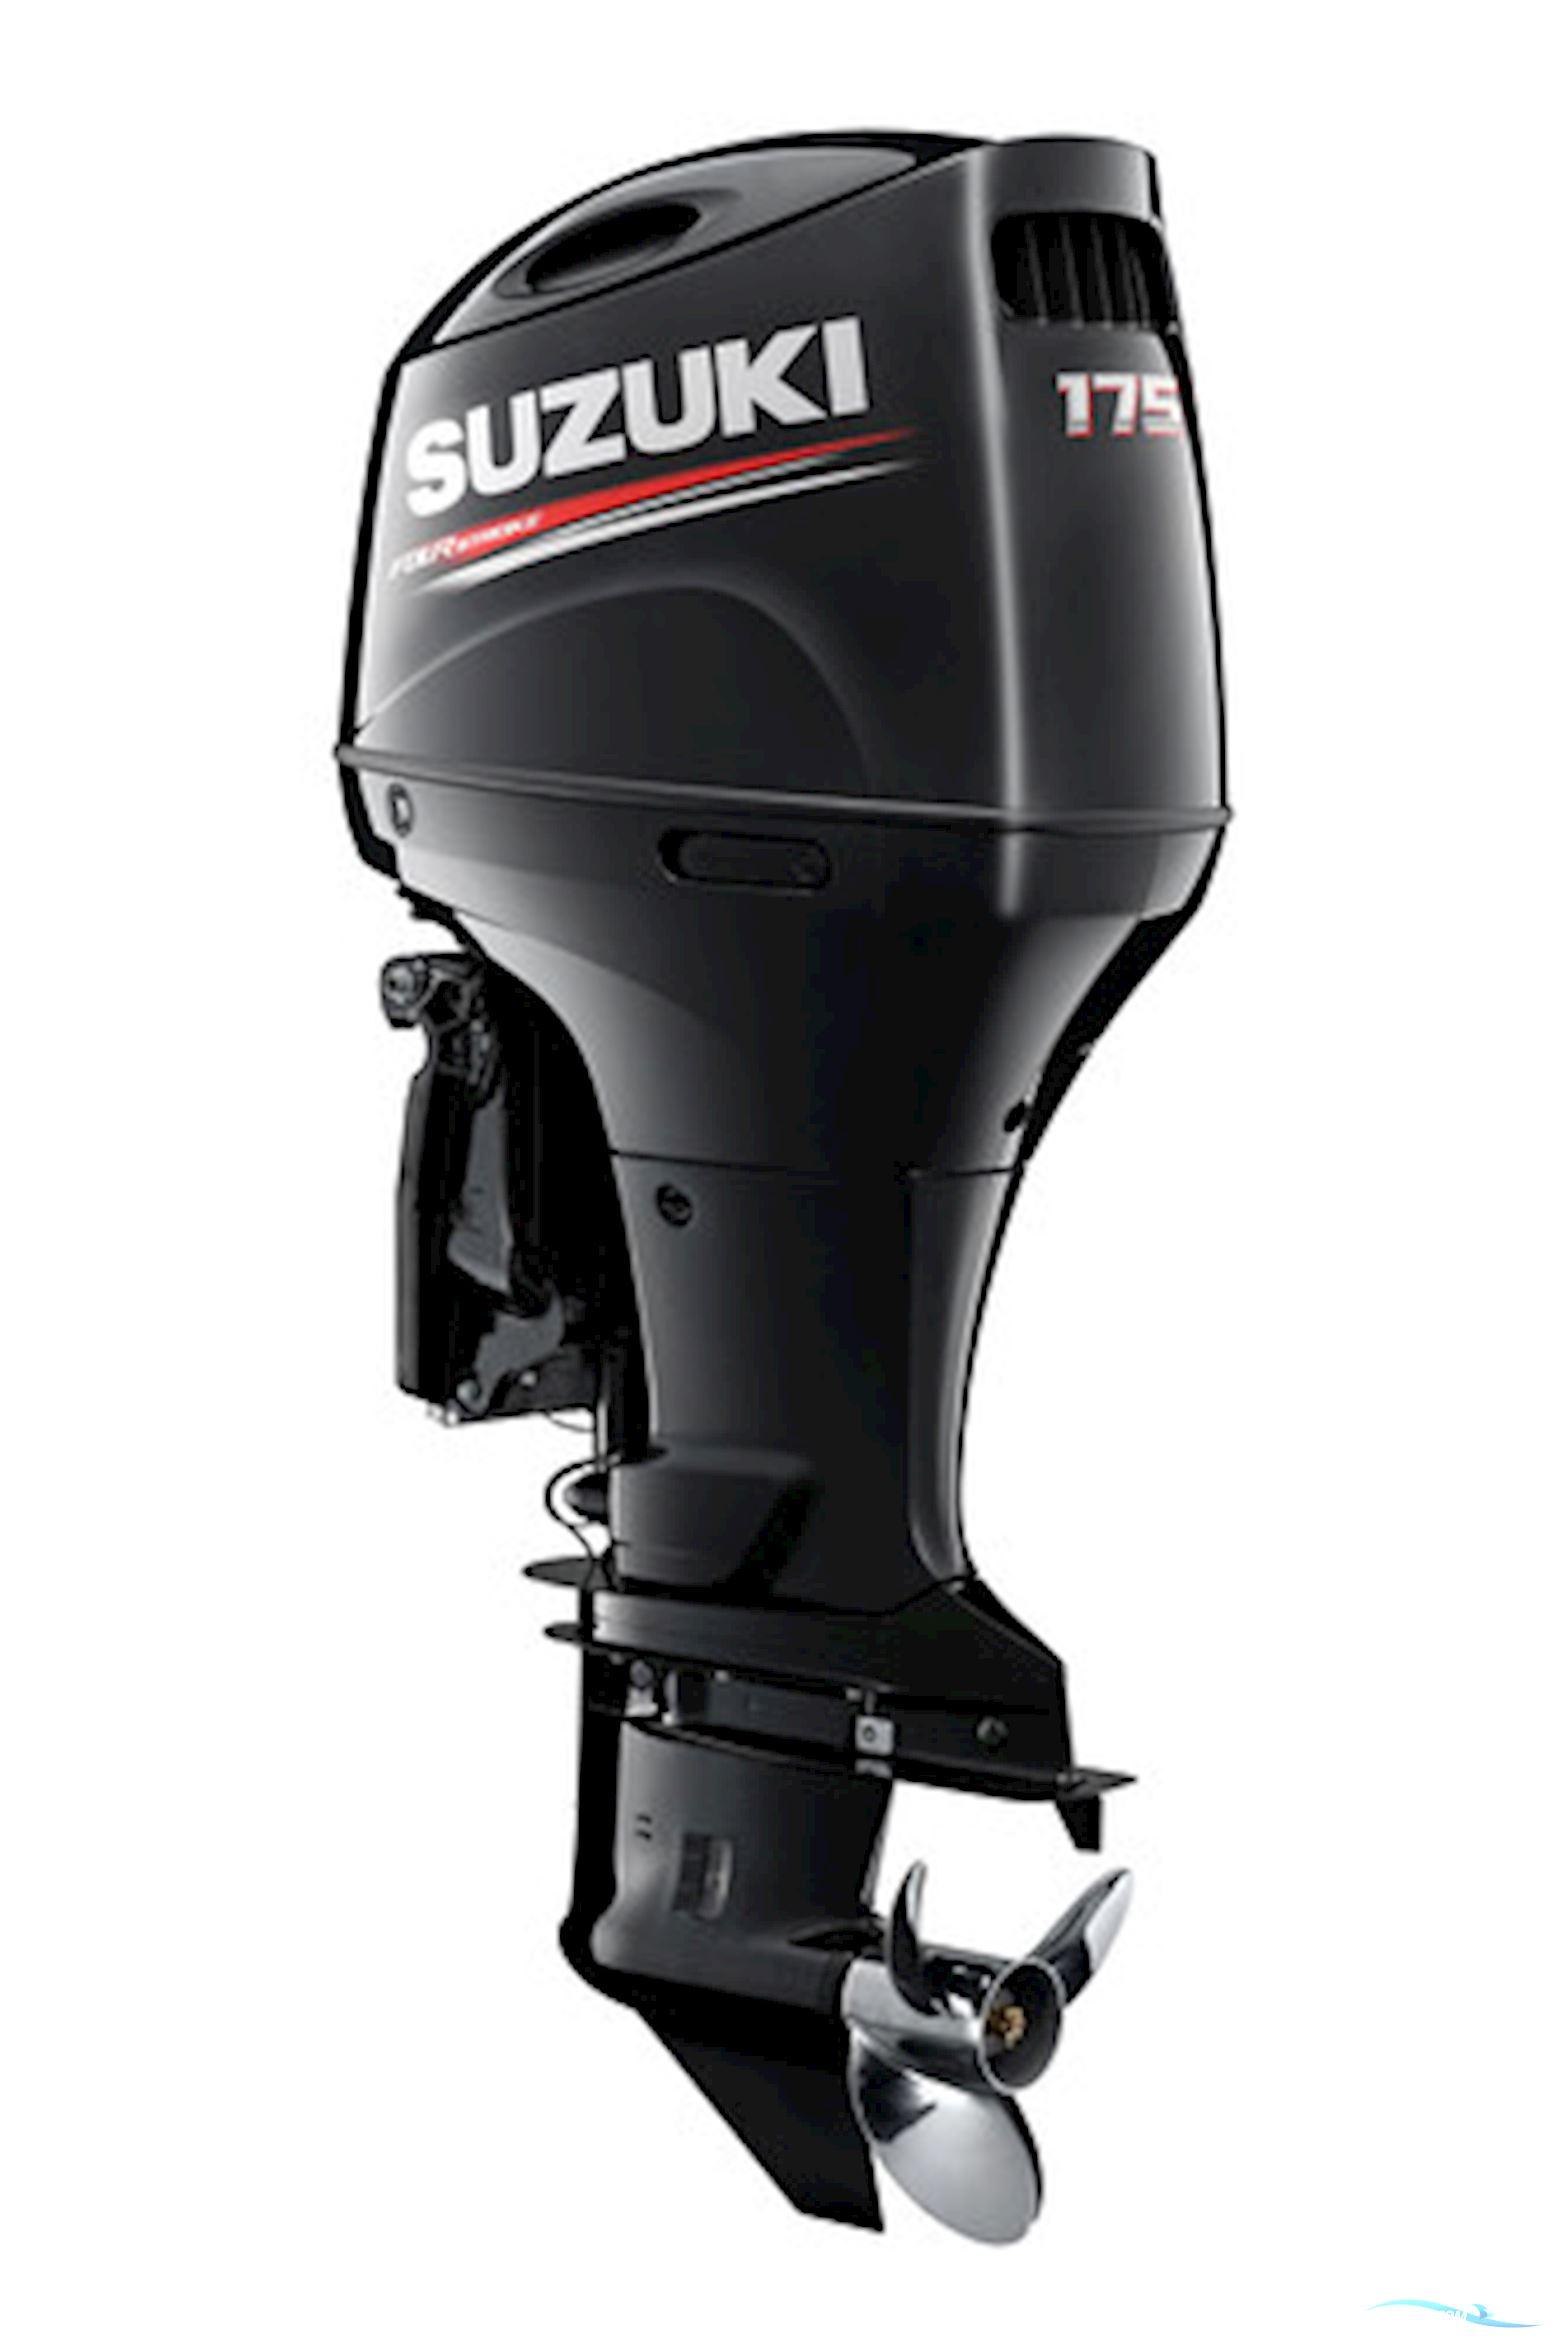 Suzuki DF175Atx